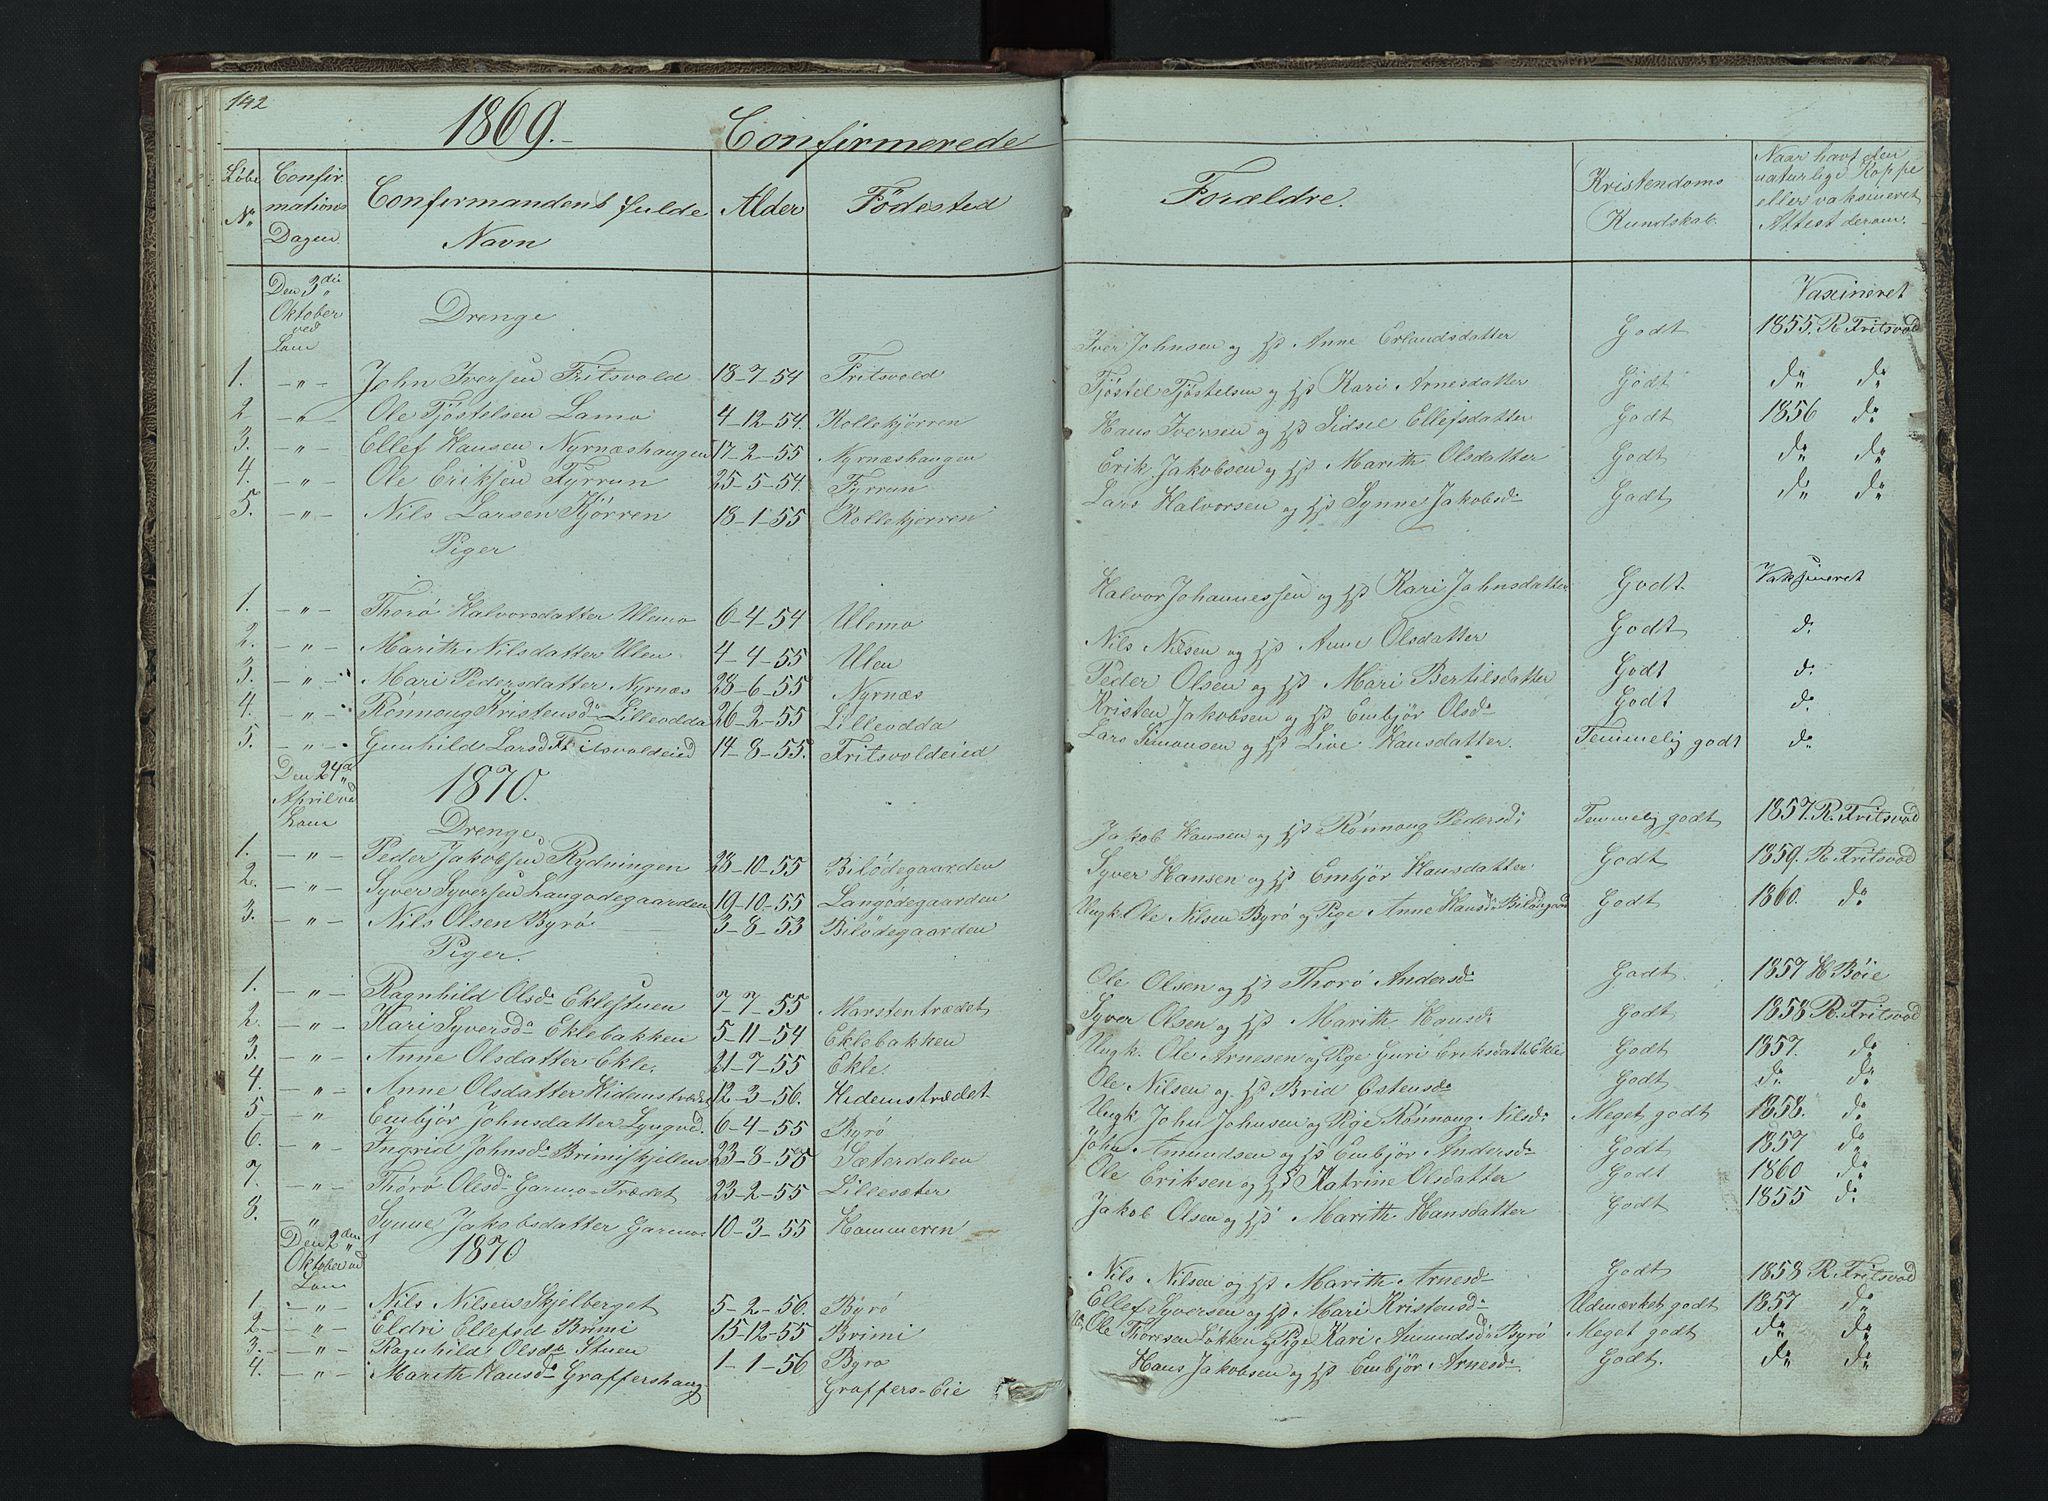 SAH, Lom prestekontor, L/L0014: Klokkerbok nr. 14, 1845-1876, s. 142-143